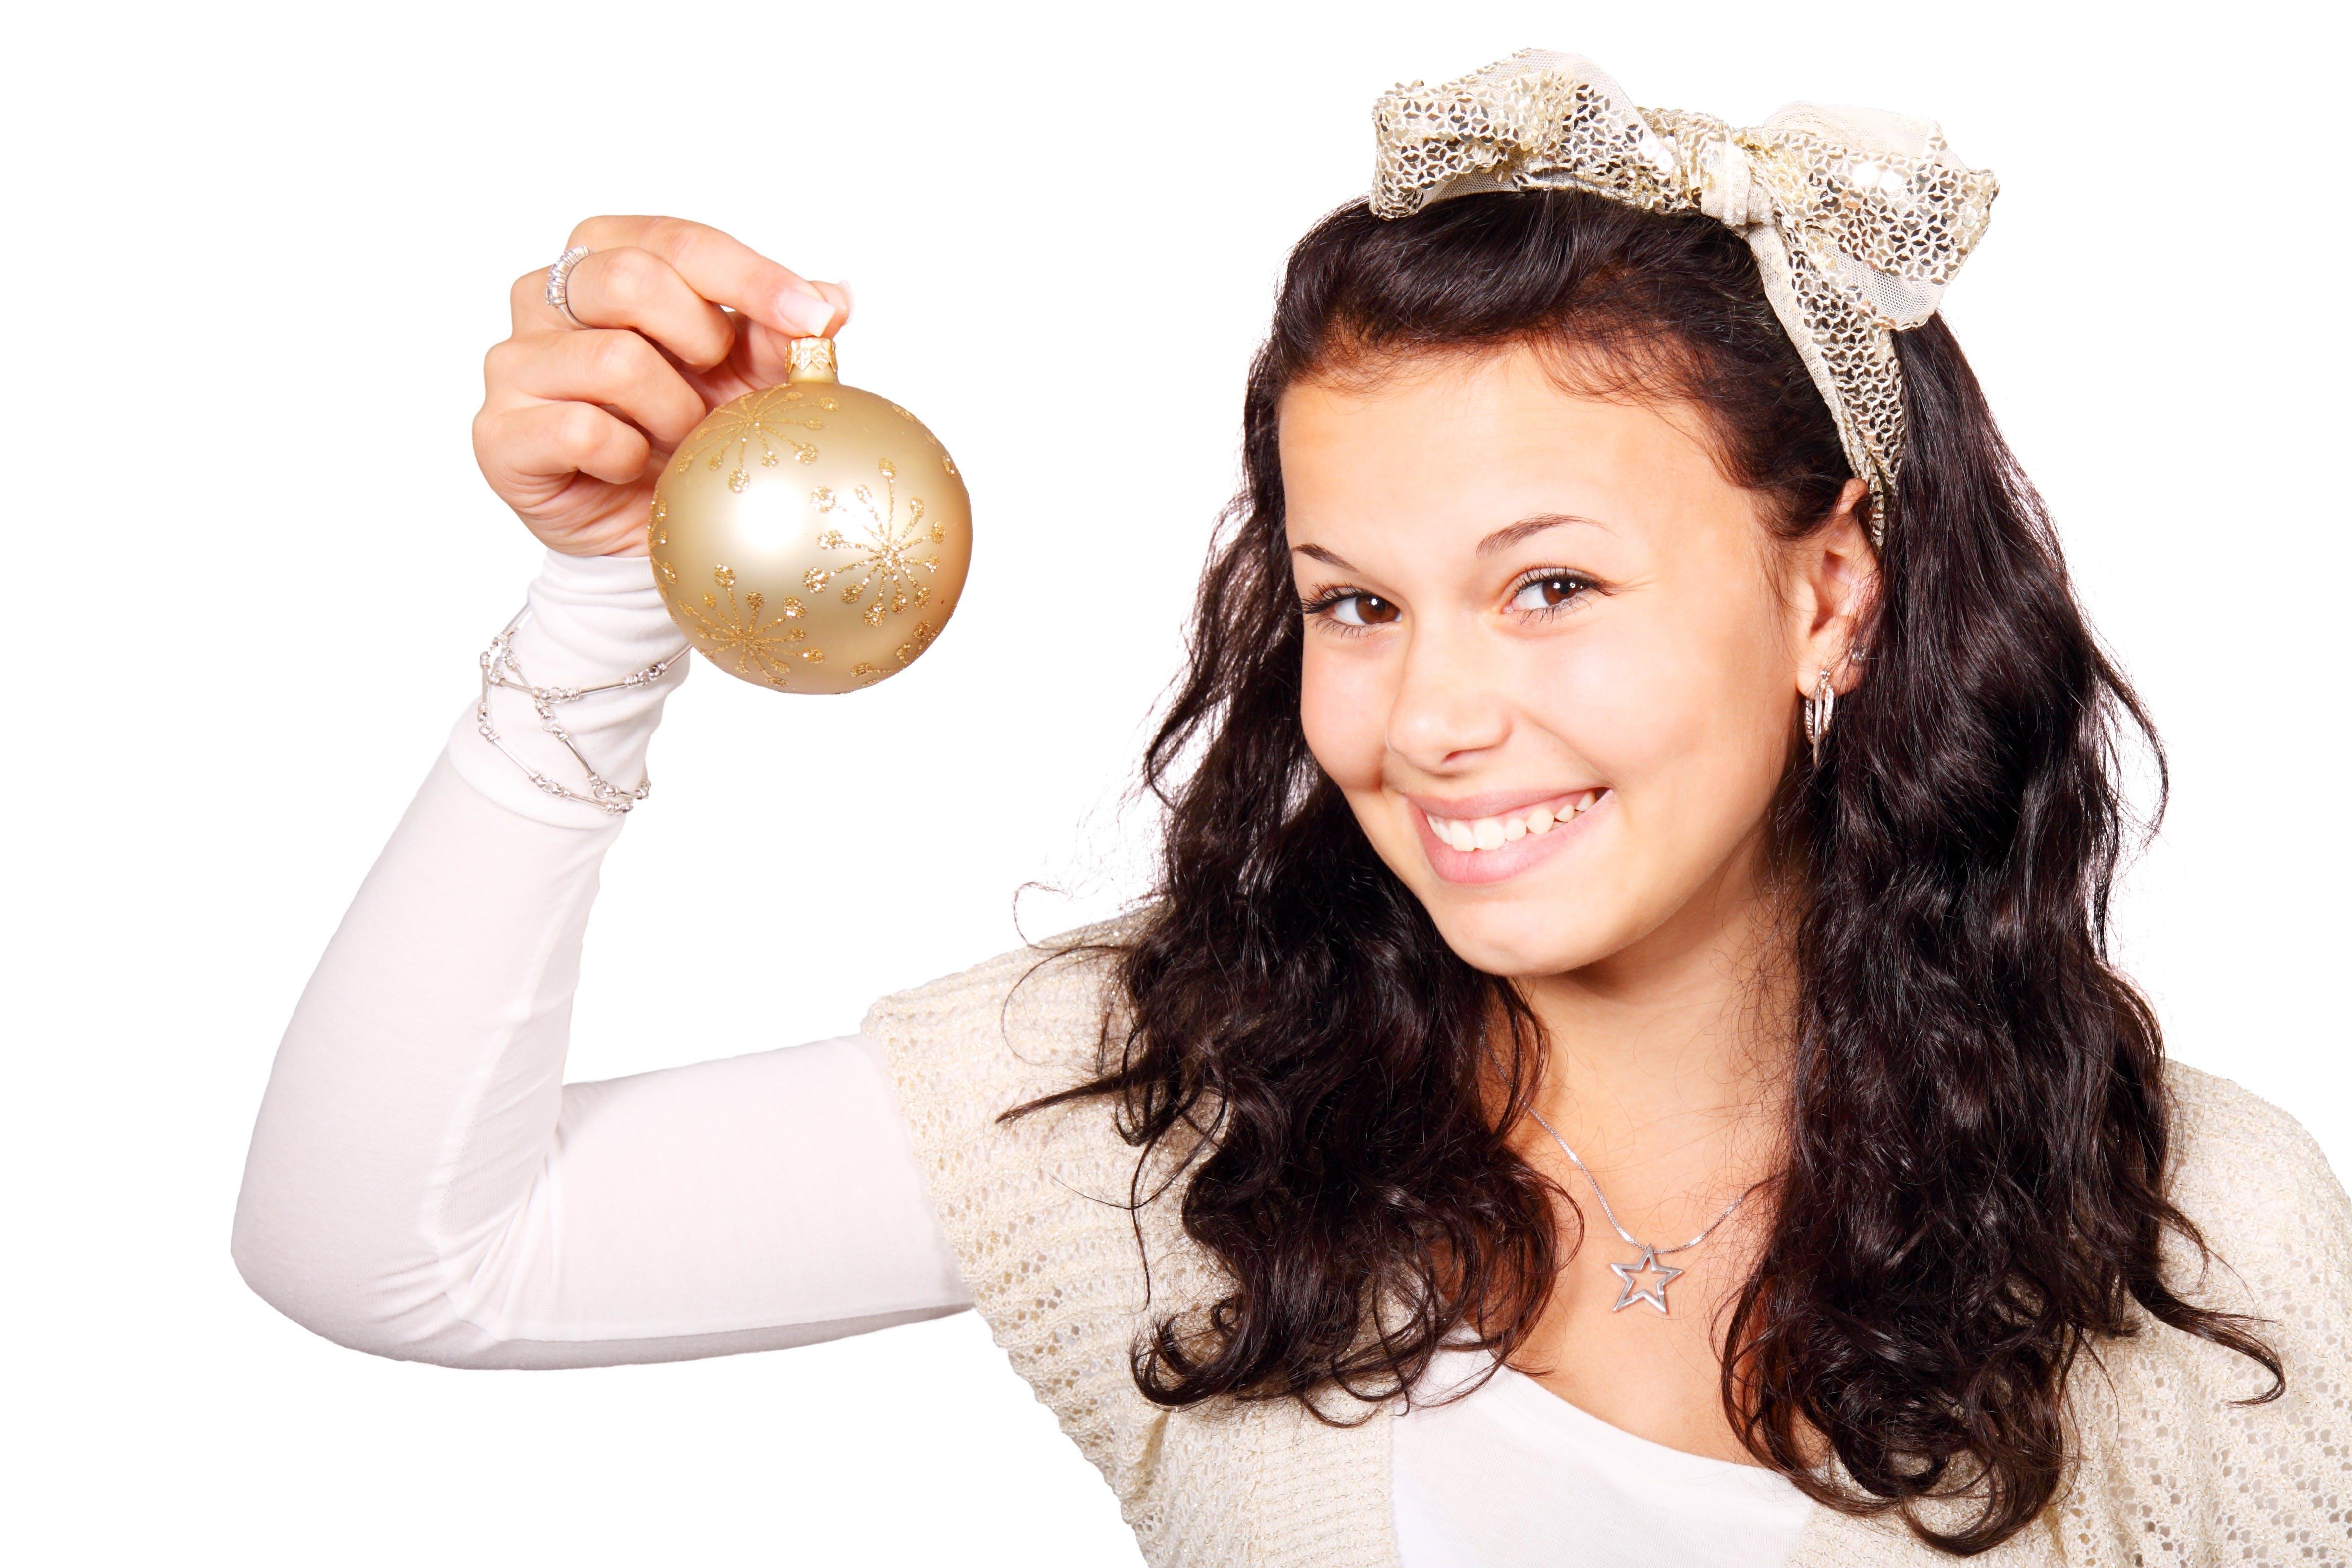 ball, bauble, bulb